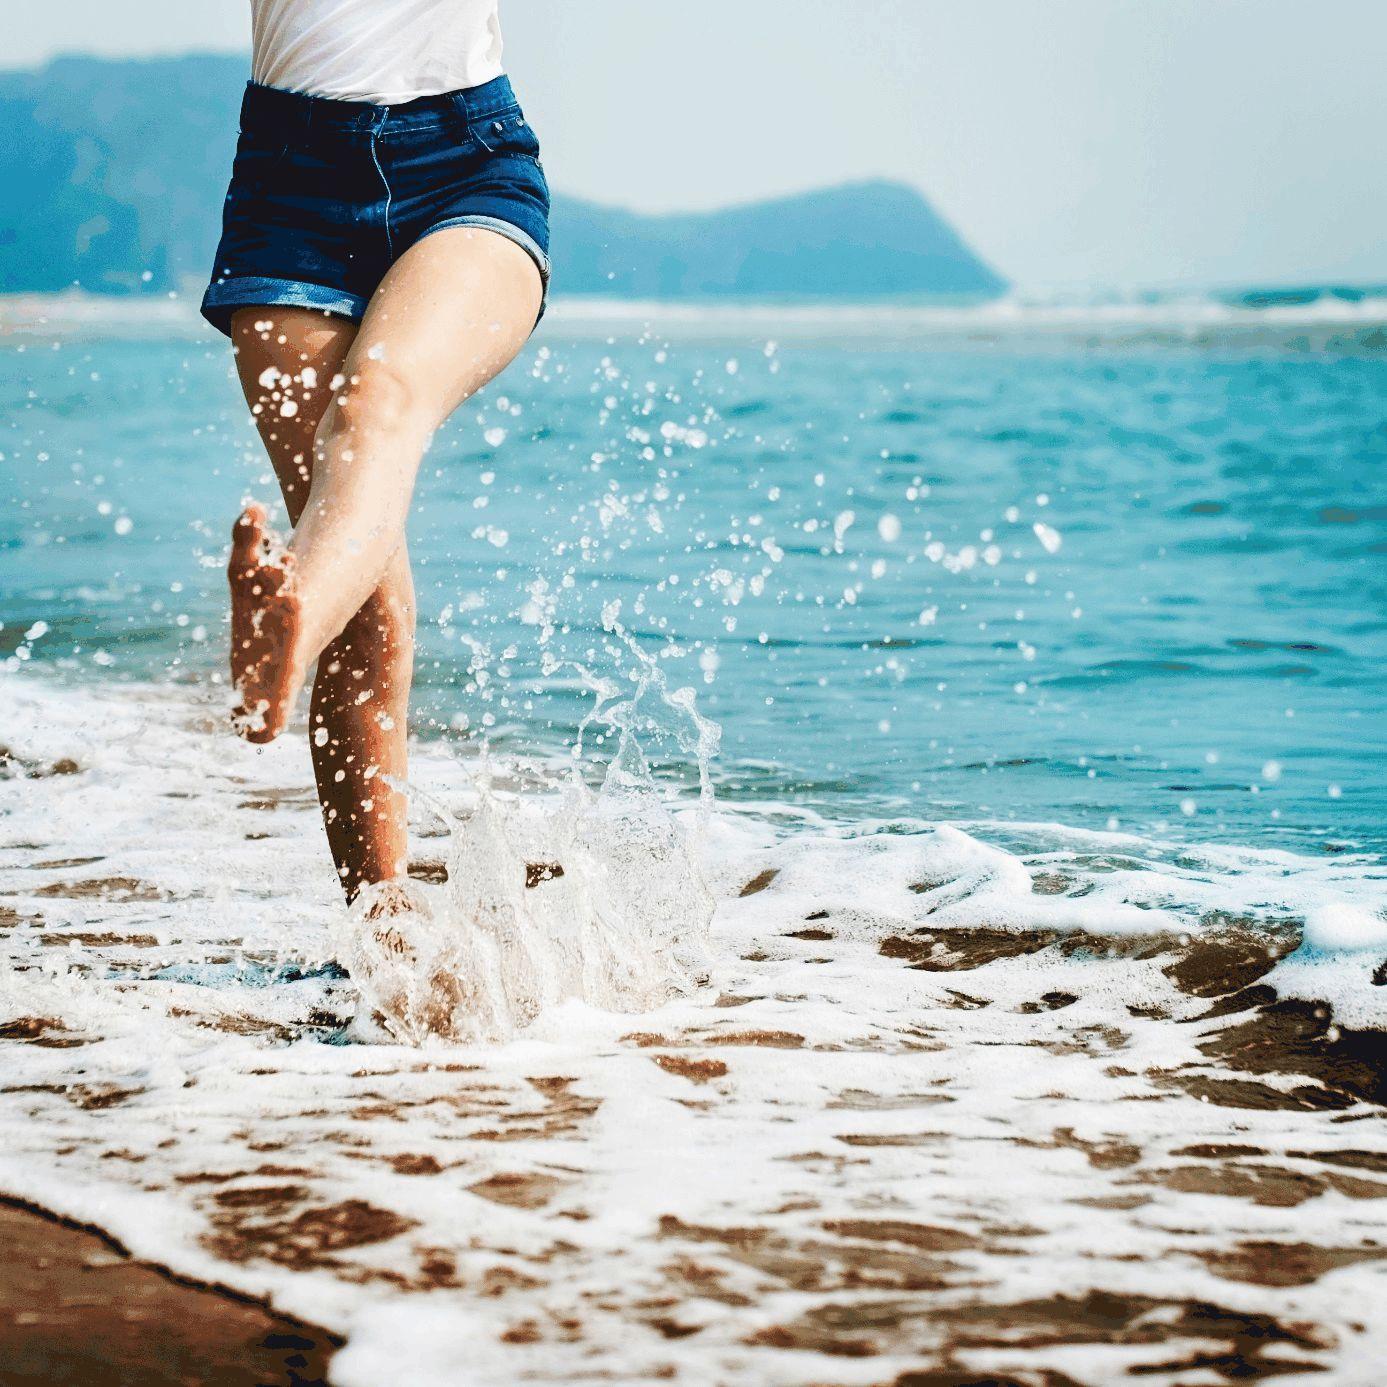 Frau am Meeresstrand spritzt mit Bein Wasser weg.